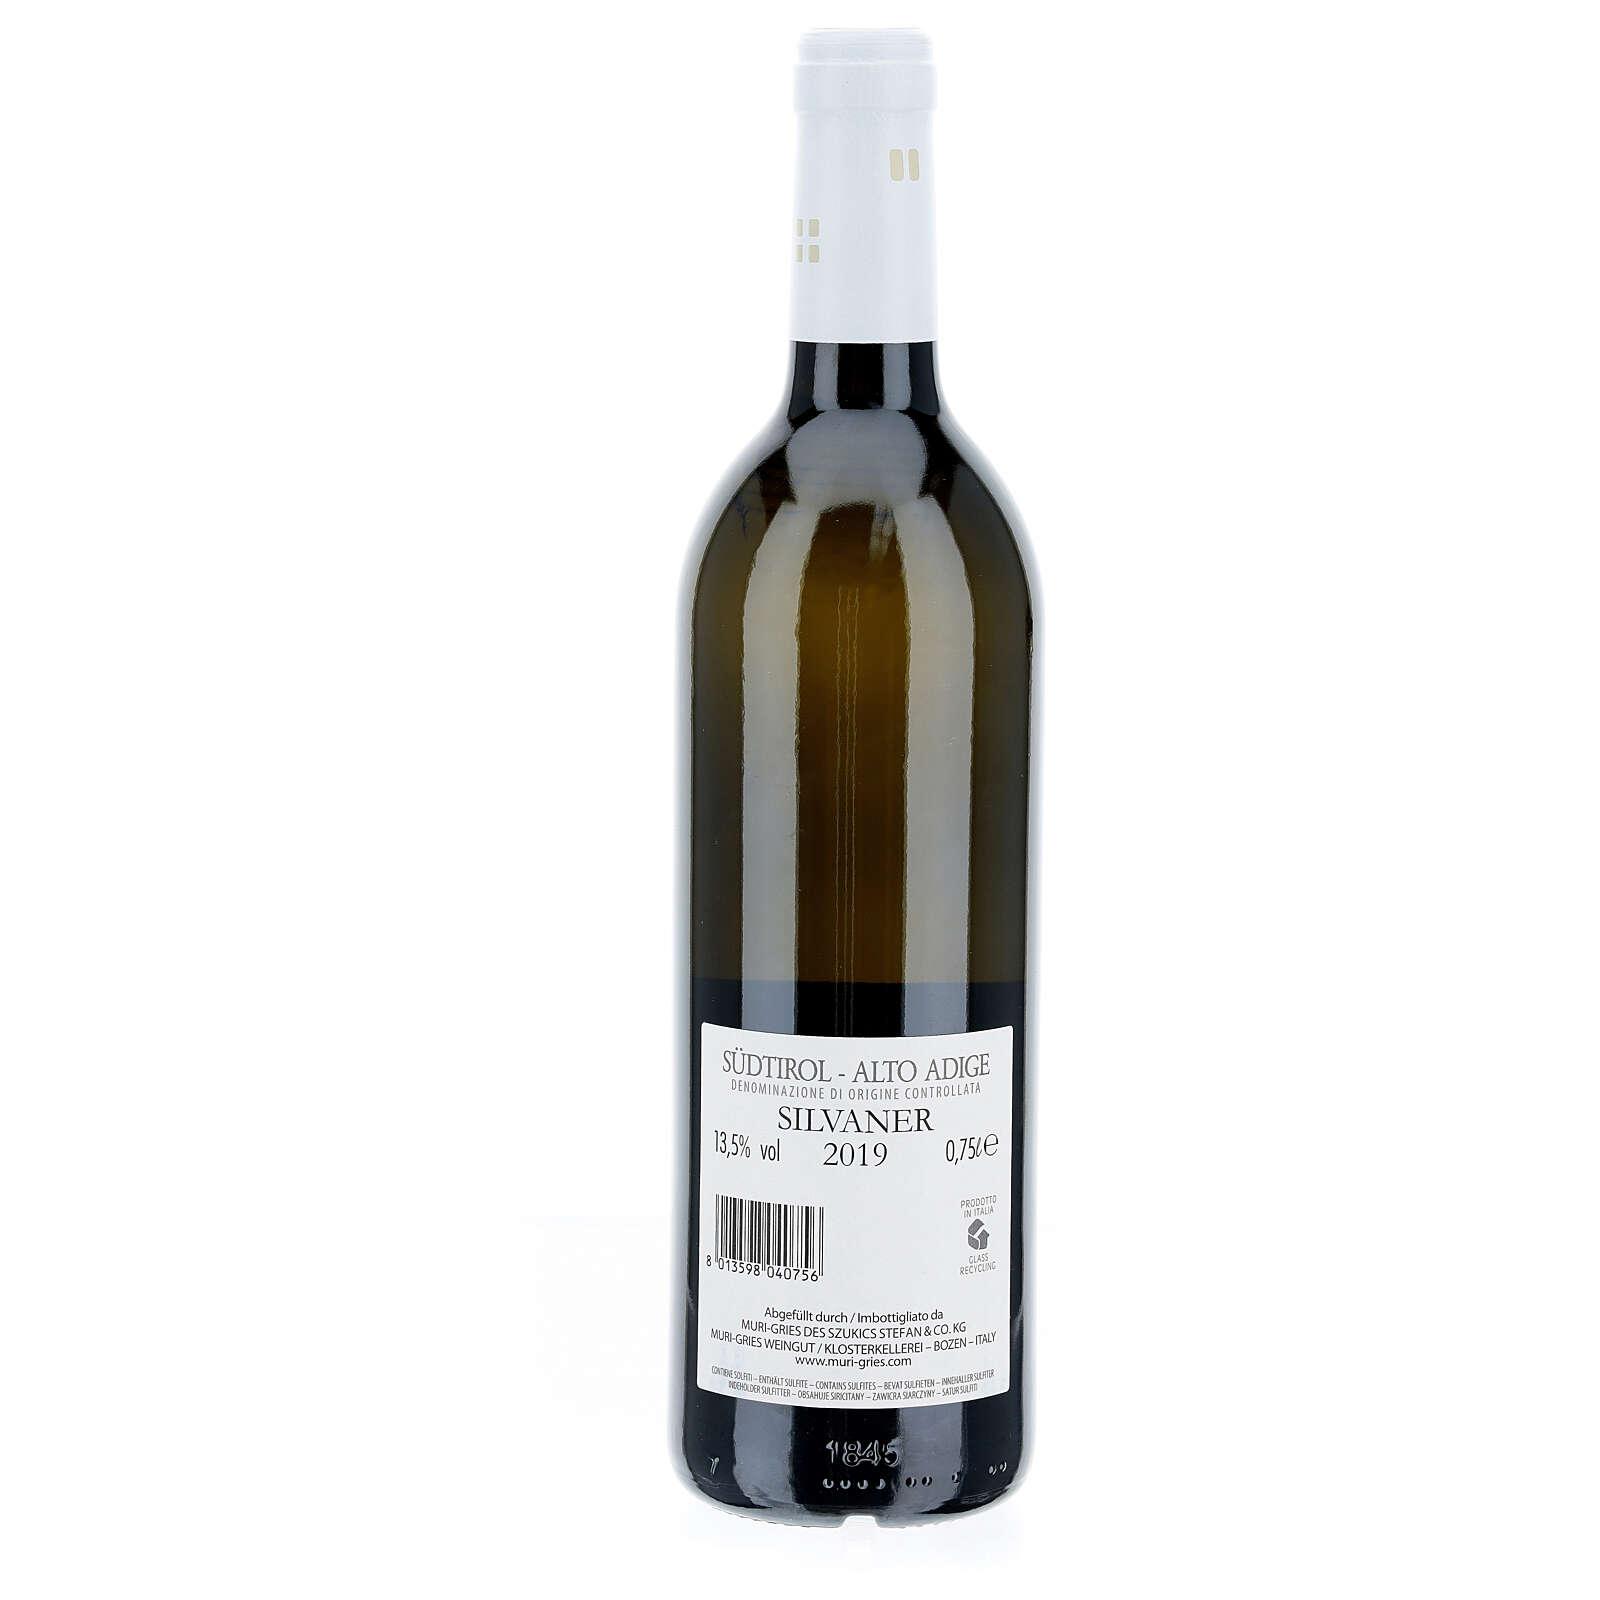 Silvaner DOC 2019 wine Muri Gries Abbay 3